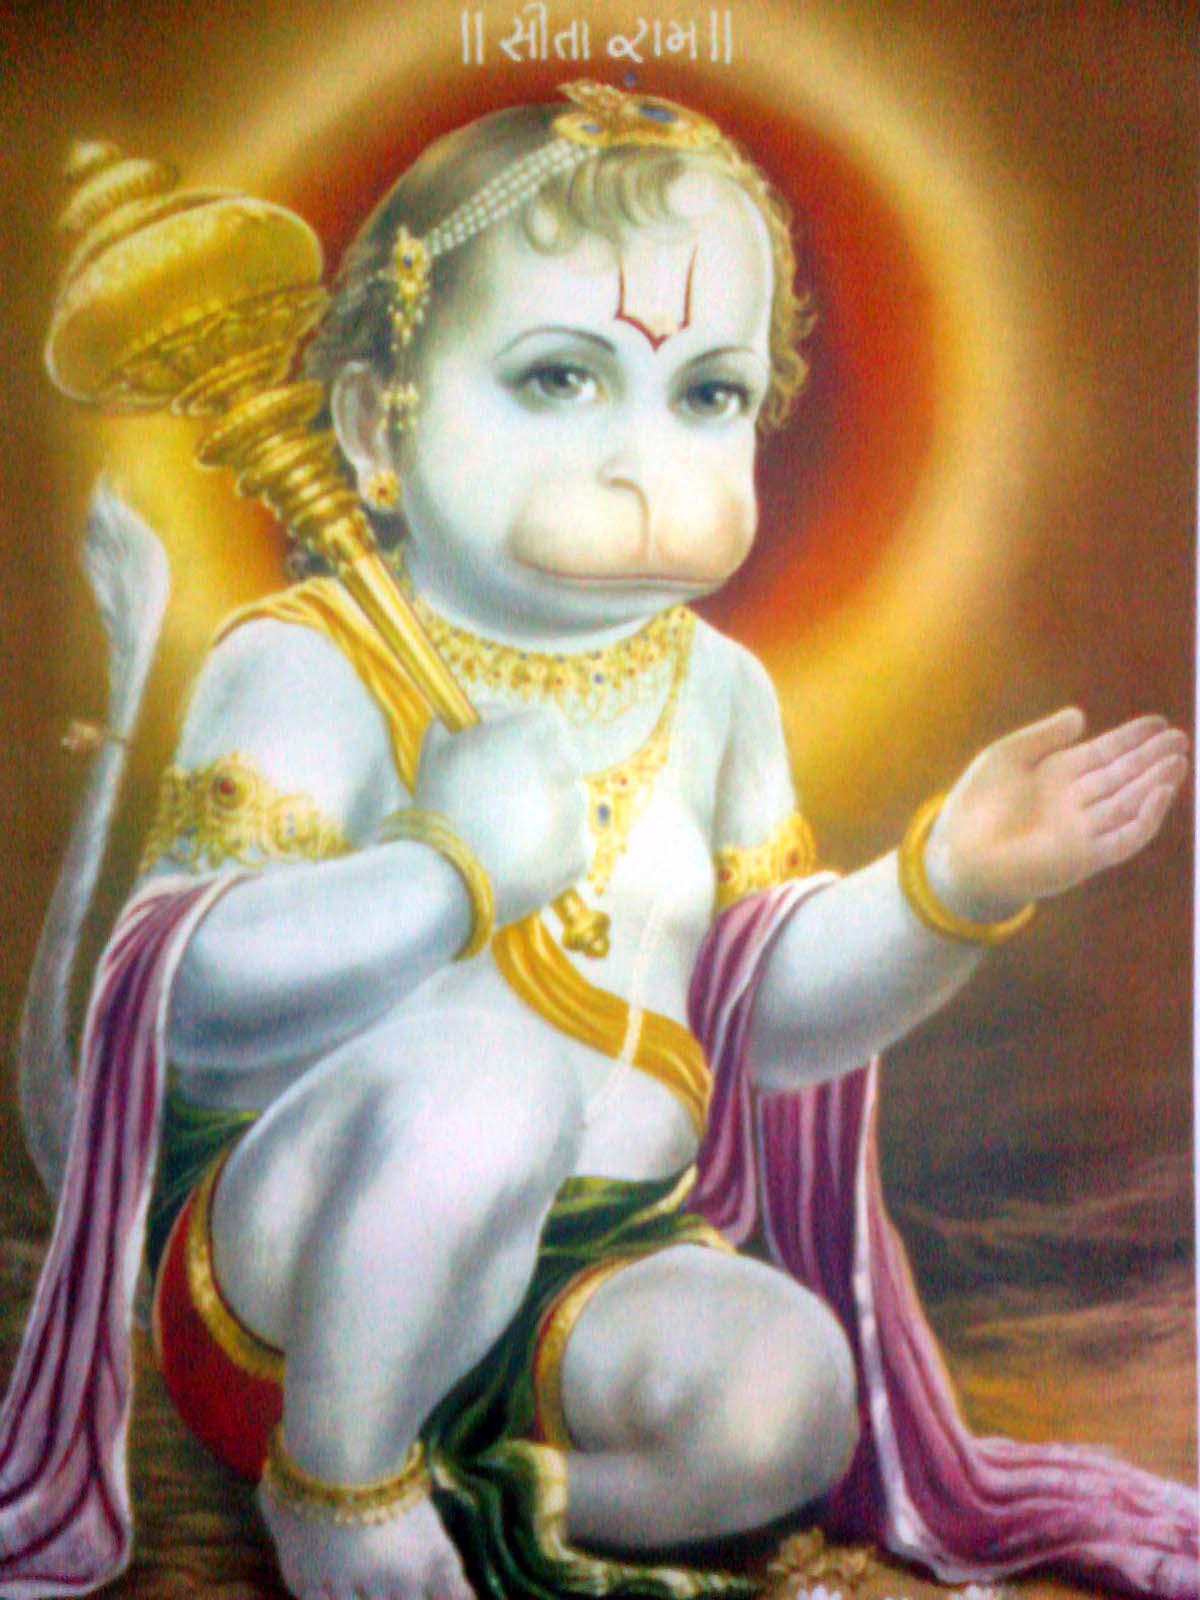 http://3.bp.blogspot.com/-sIiCa3JDeF0/TeDL4jfGm-I/AAAAAAAAAEs/KMxV3D6AUso/s1600/Bal+Hanuman+ji.jpg